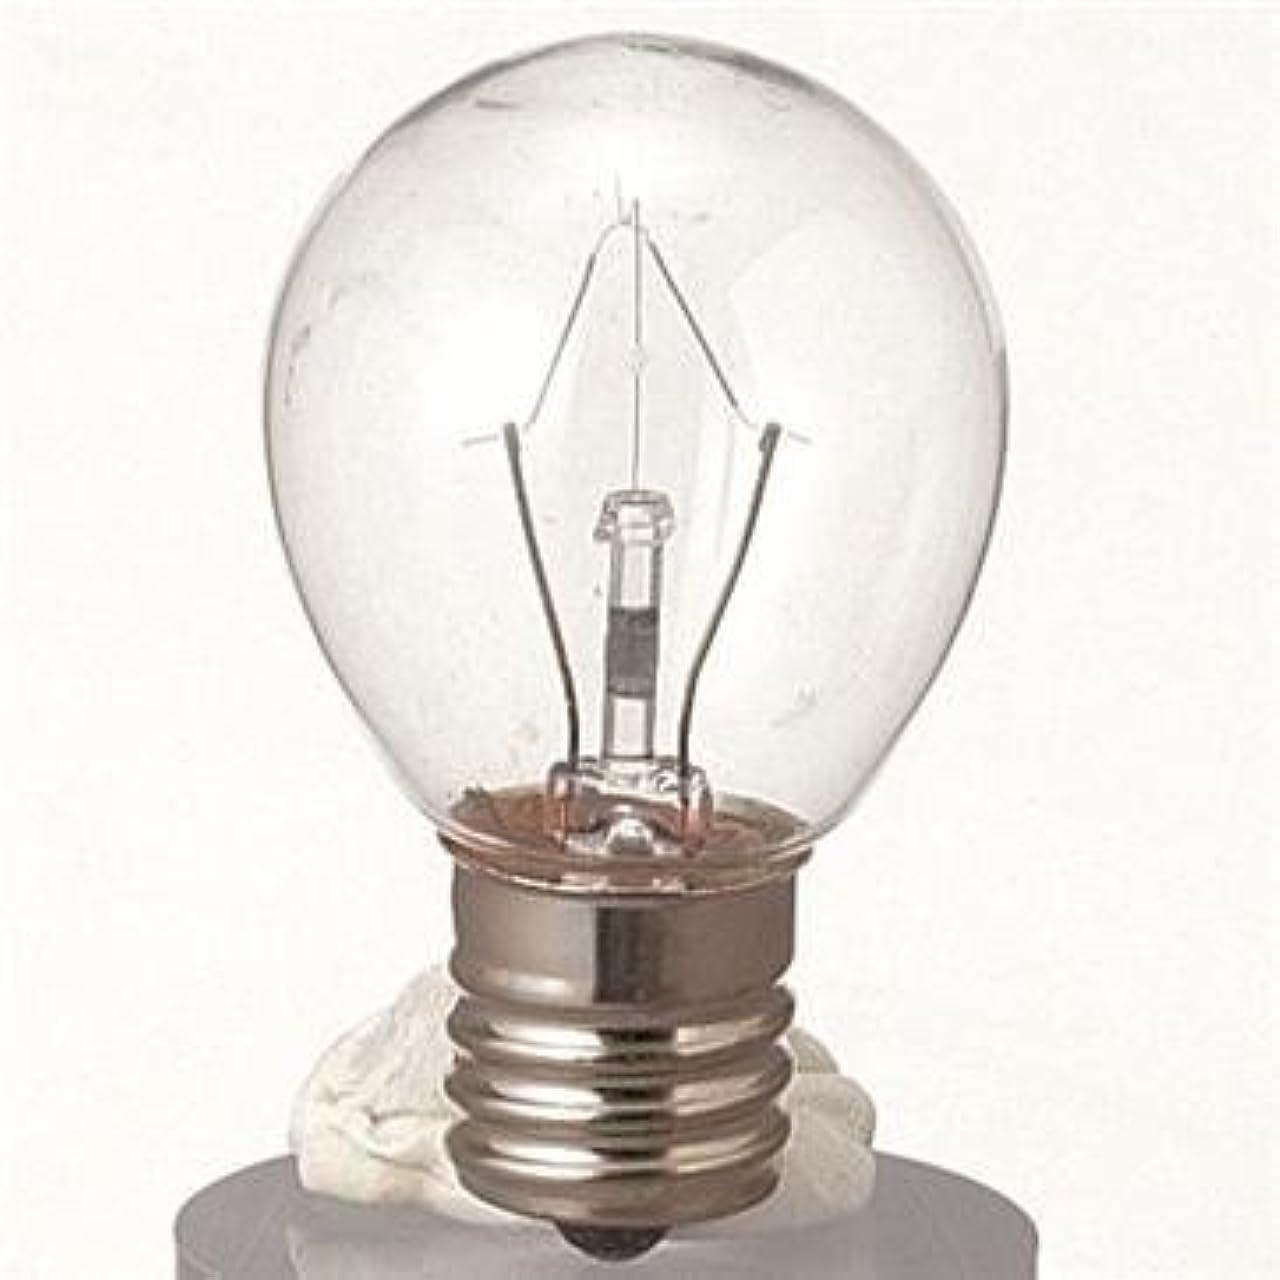 彼自身マークされた緩やかな生活の木 アロマランプL用 電球[25W]